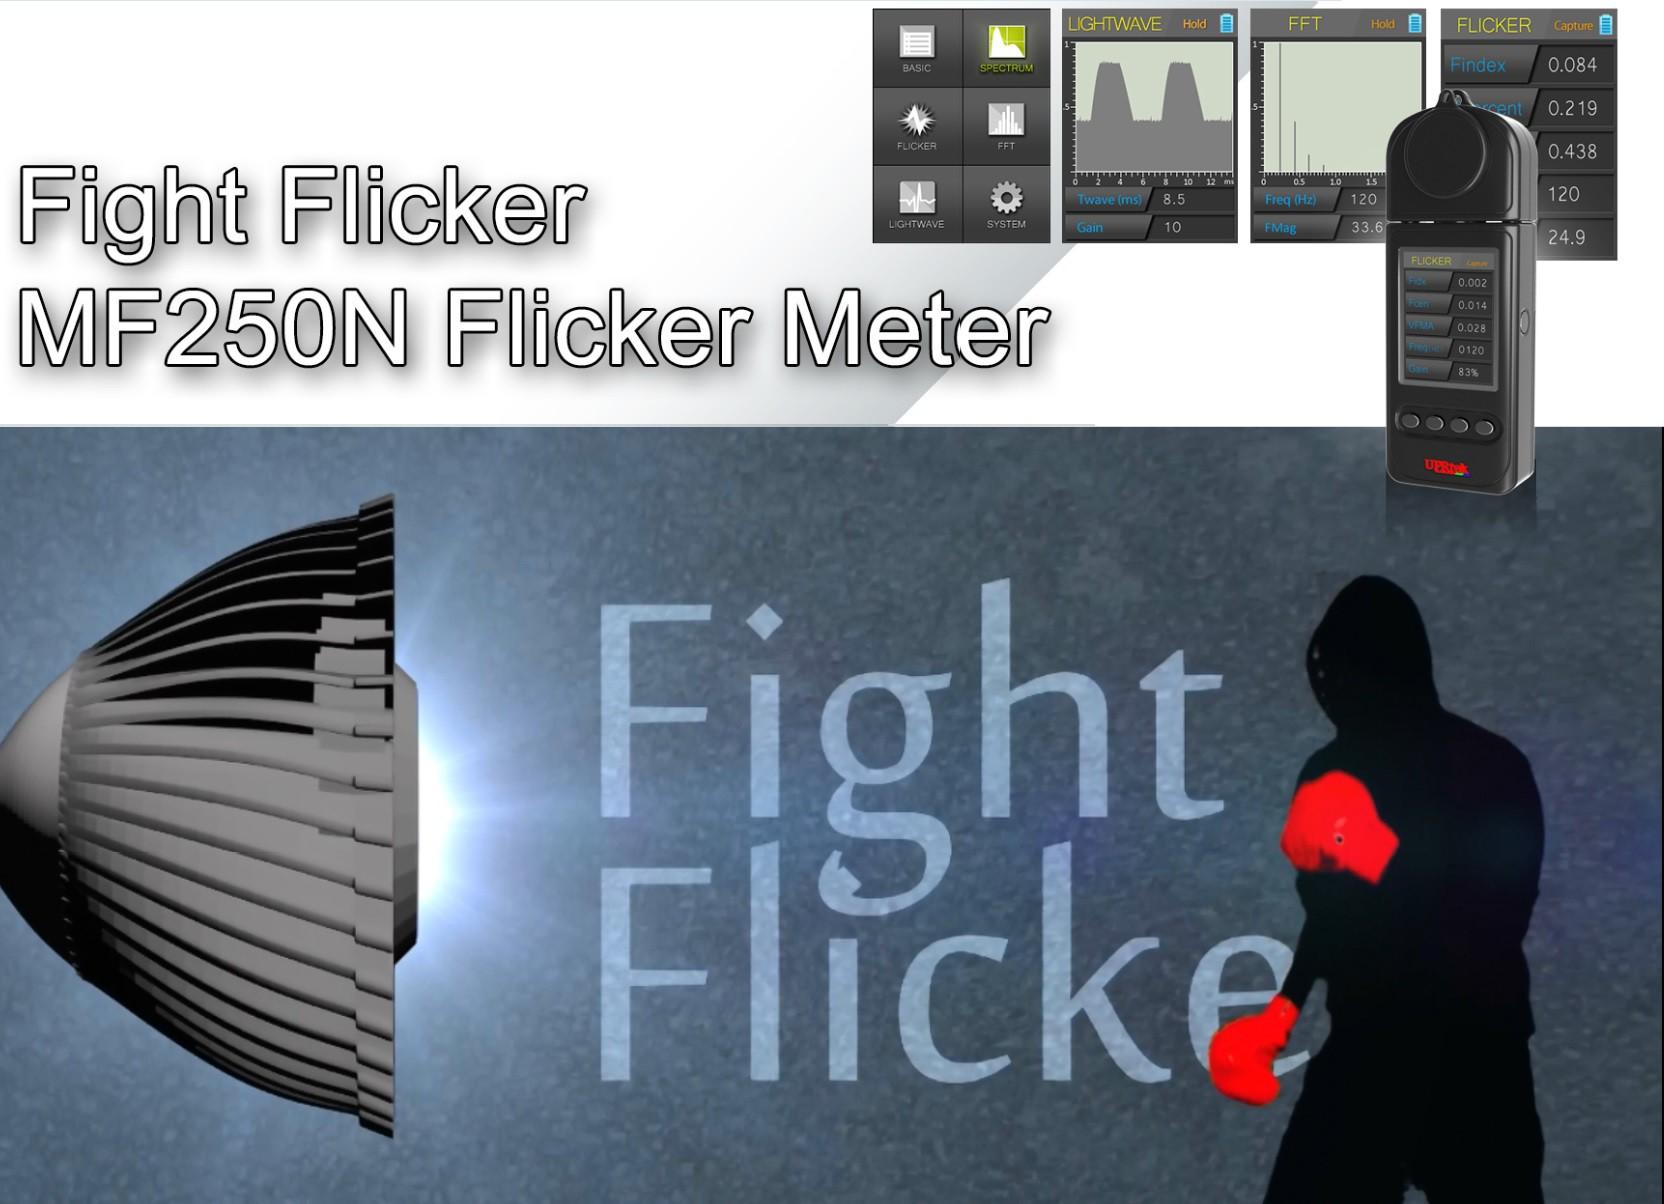 image flicker meter